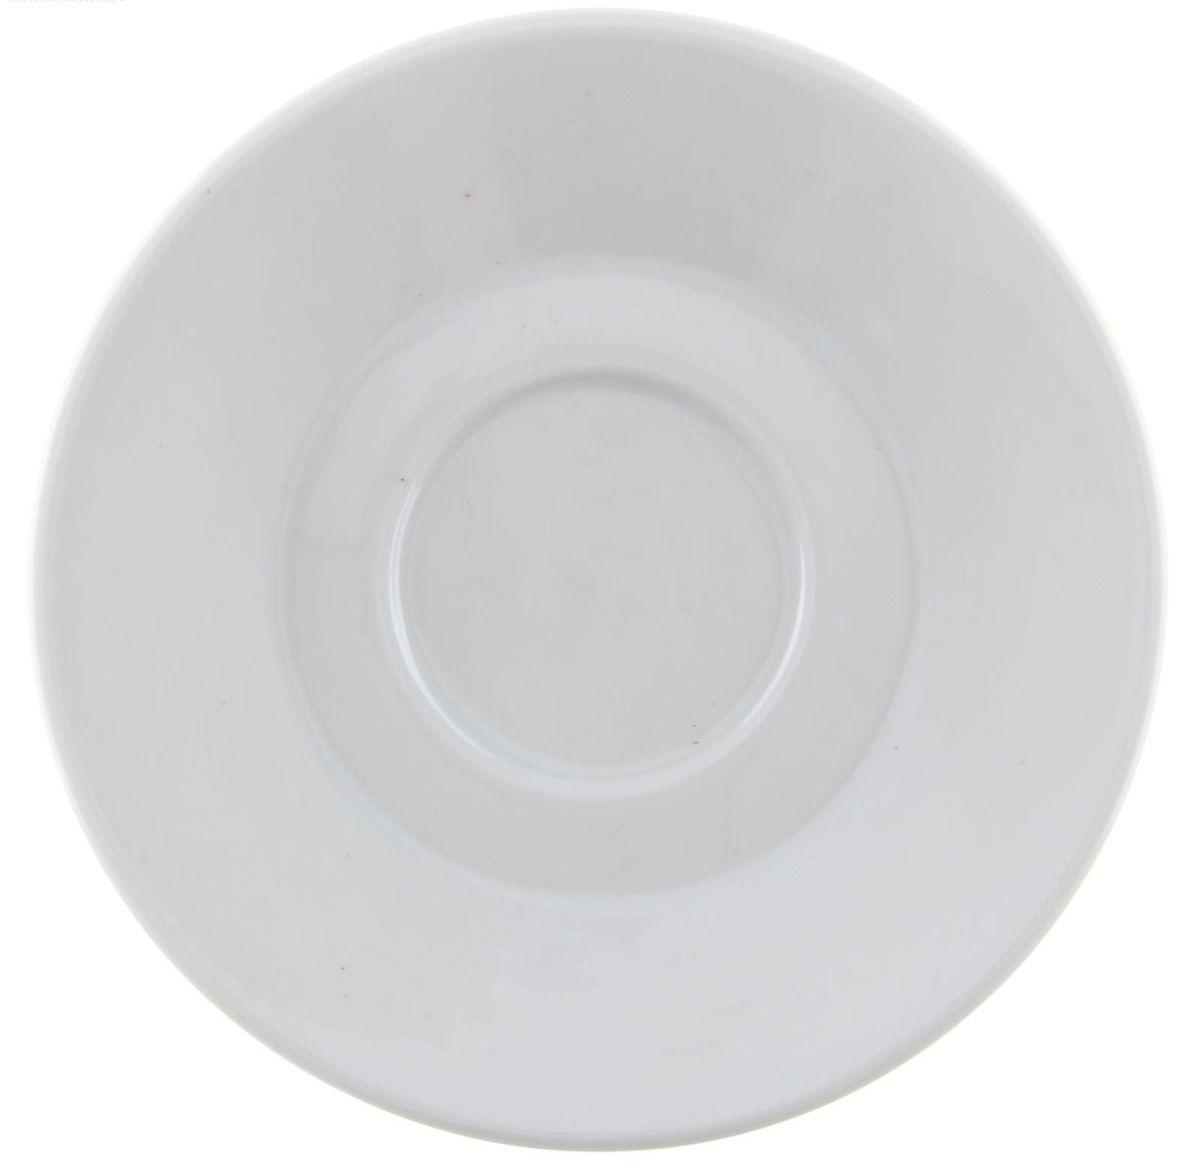 Блюдце кофейное Мокко. Белье, диаметр 11,5 см1303949